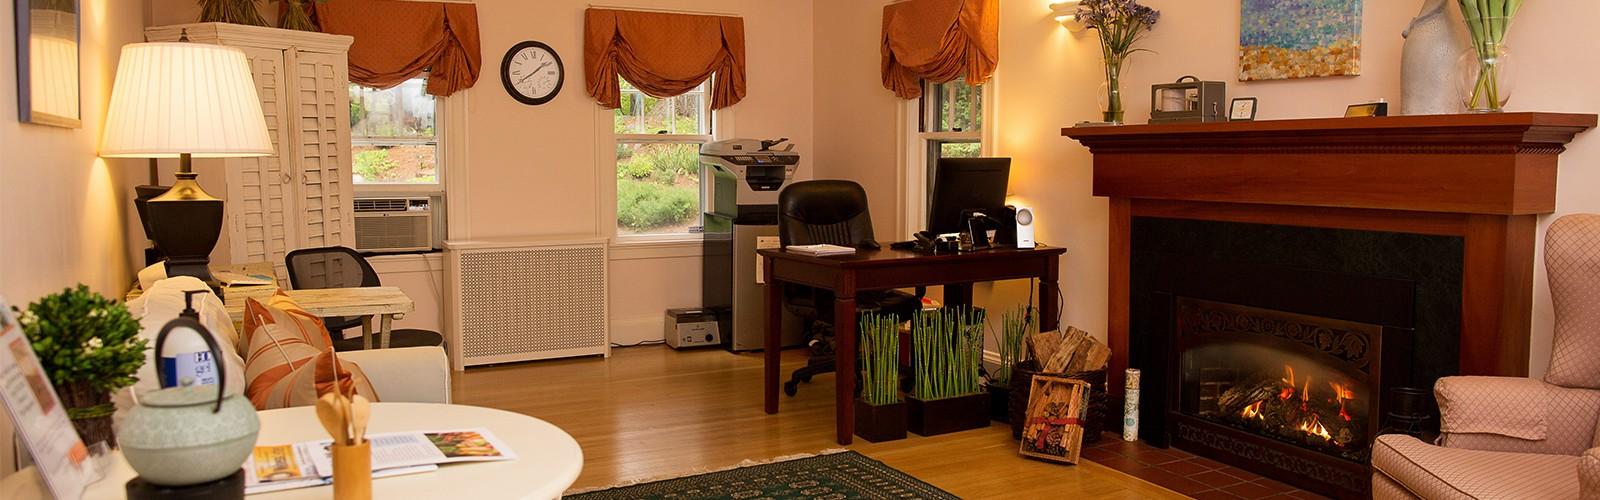 Concierge Medicine Waiting Room, Weston & Boston MA